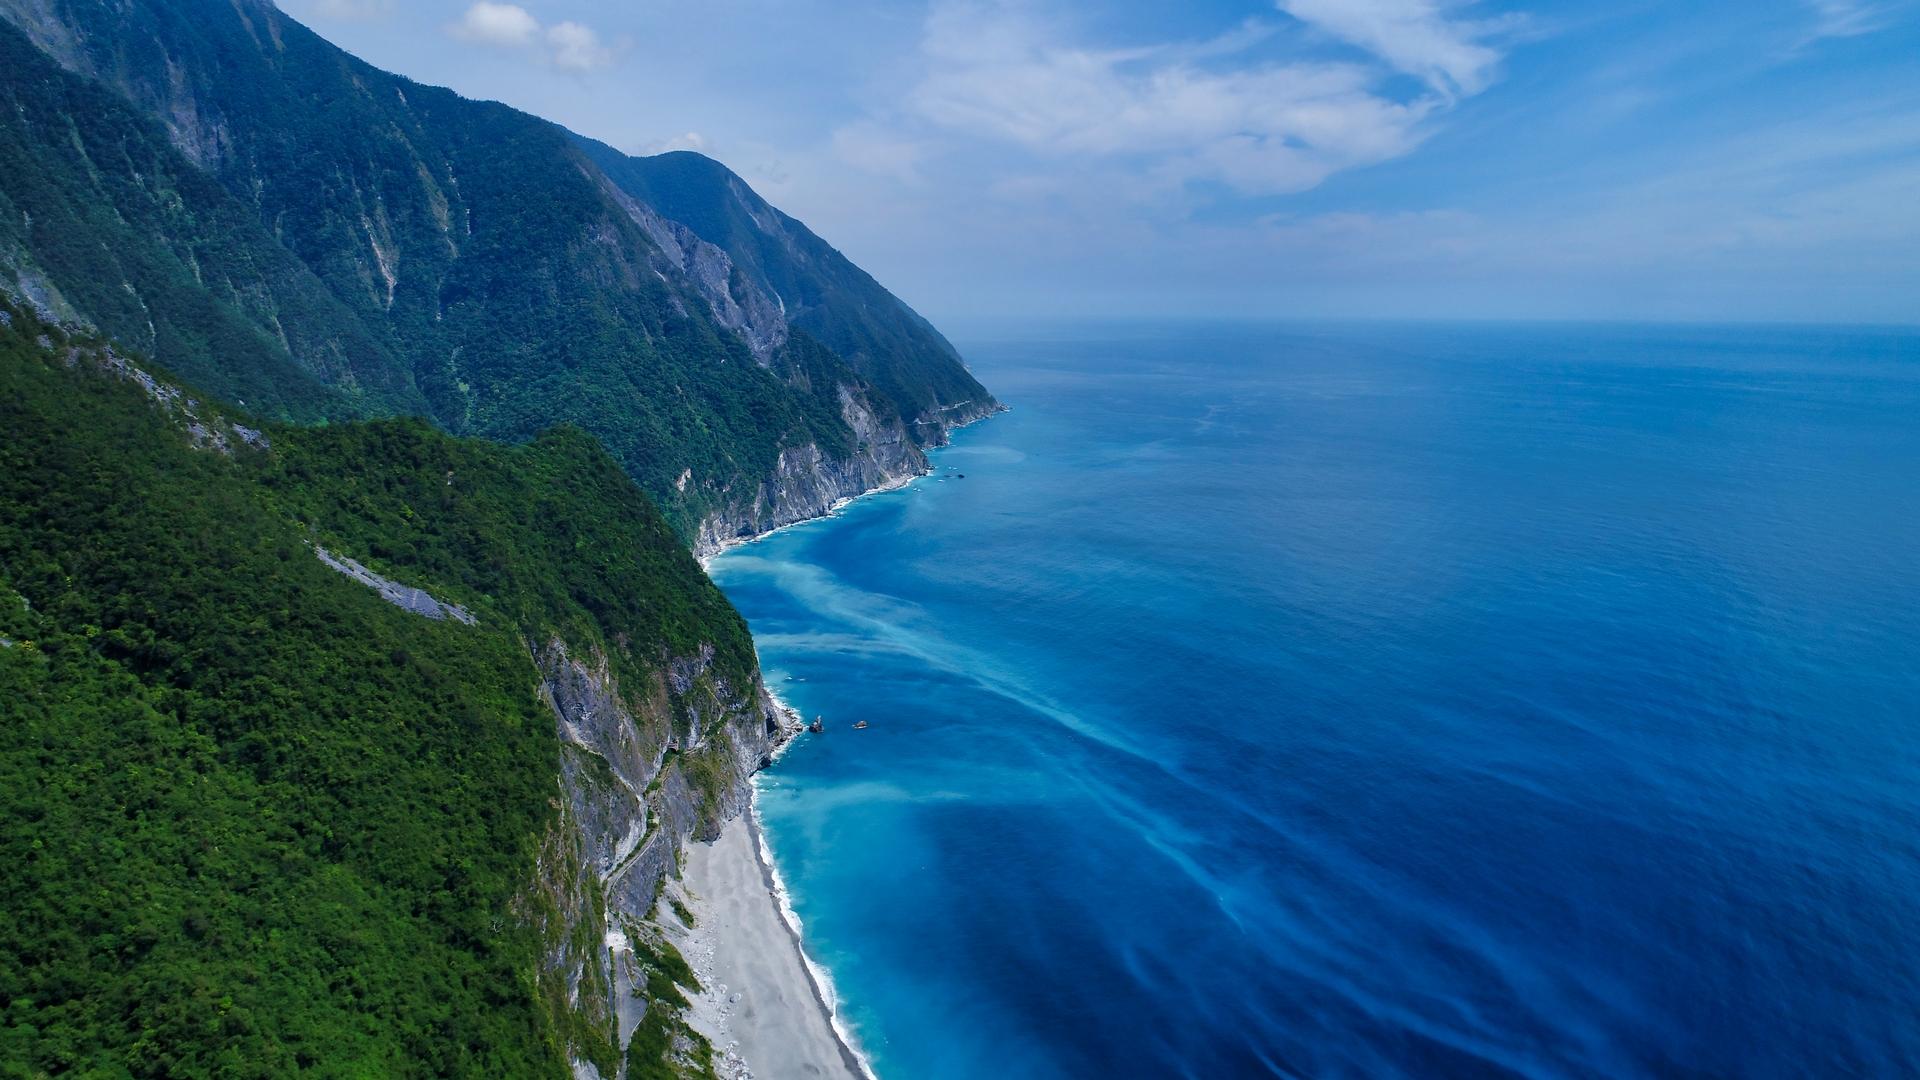 具有美麗之島(Formosa)之稱的臺灣,因持續受到地質板塊不斷的相互擠壓,造就東海岸特殊的海岸景觀。